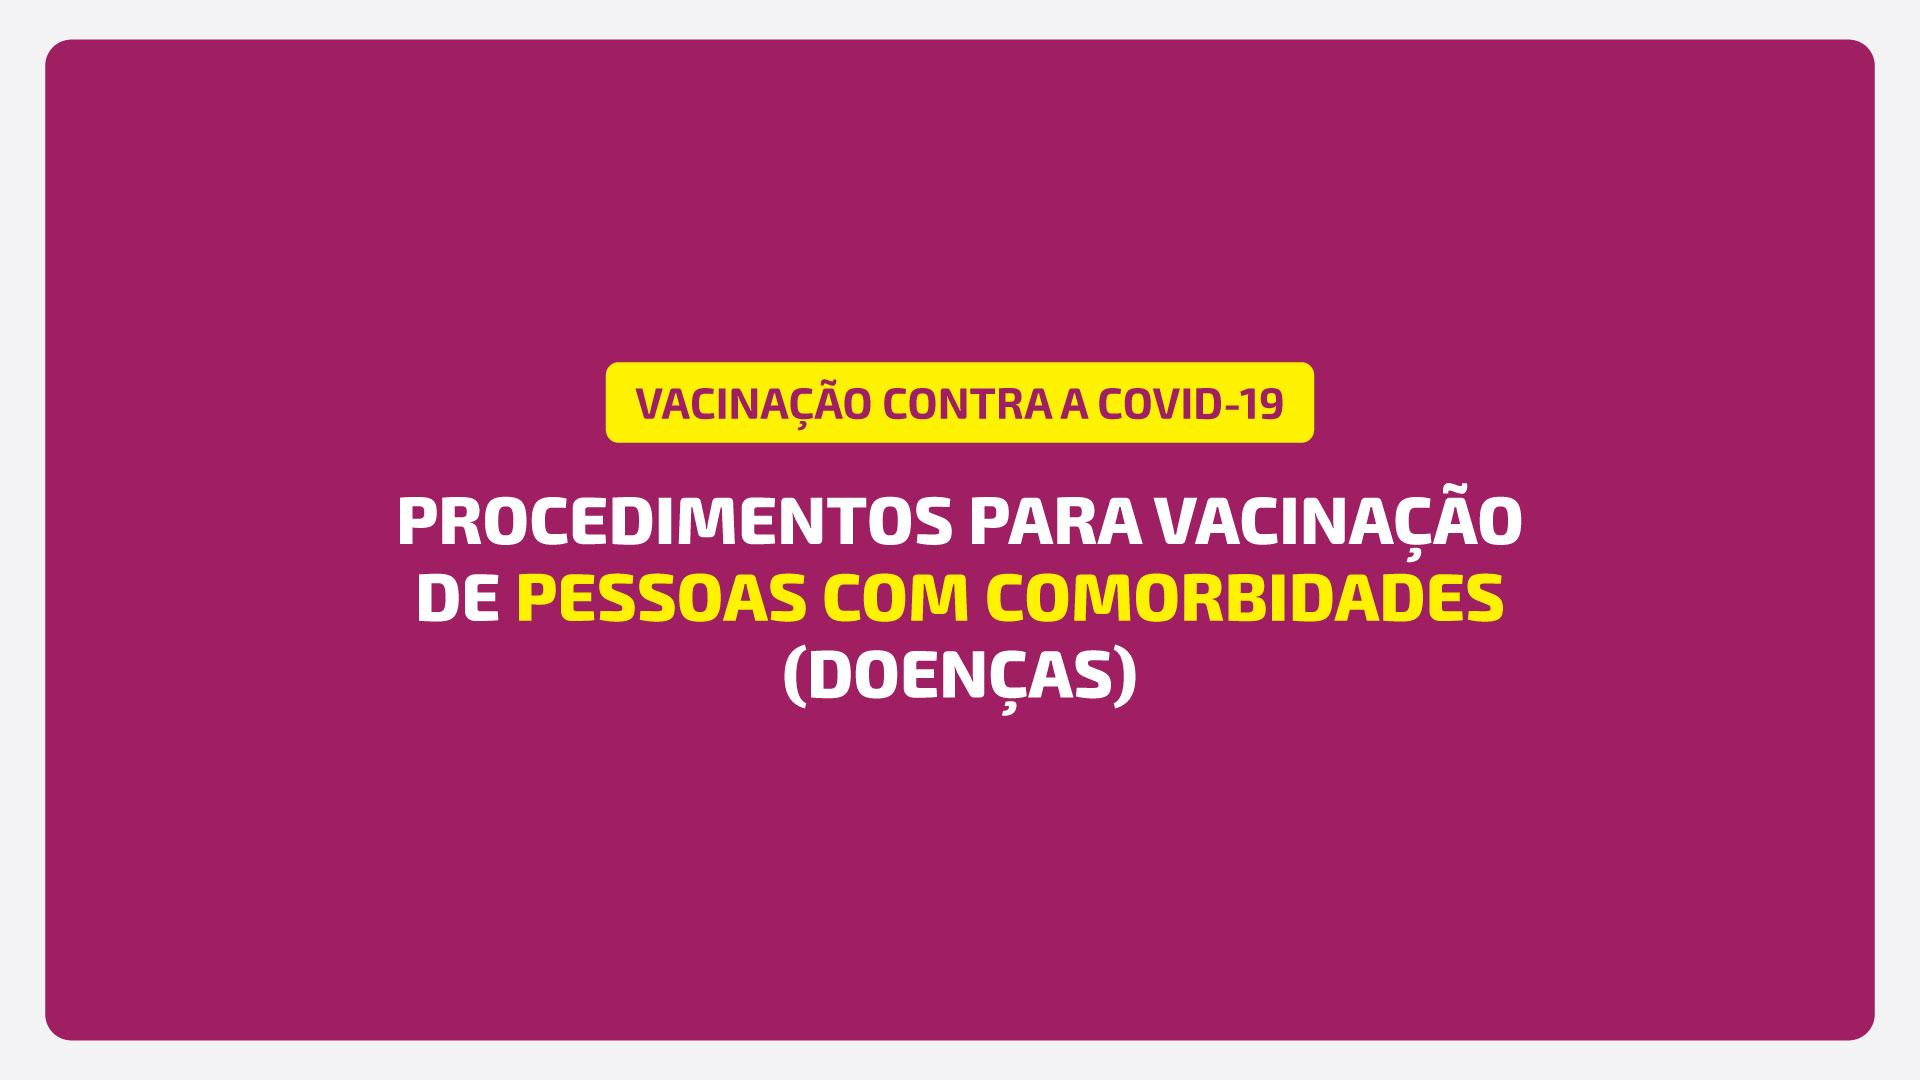 PROCEDIMENTOS PARA VACINAÇÃO CONTRA A COVID-19 DE PESSOAS COM COMORBIDADES (DOENÇAS)